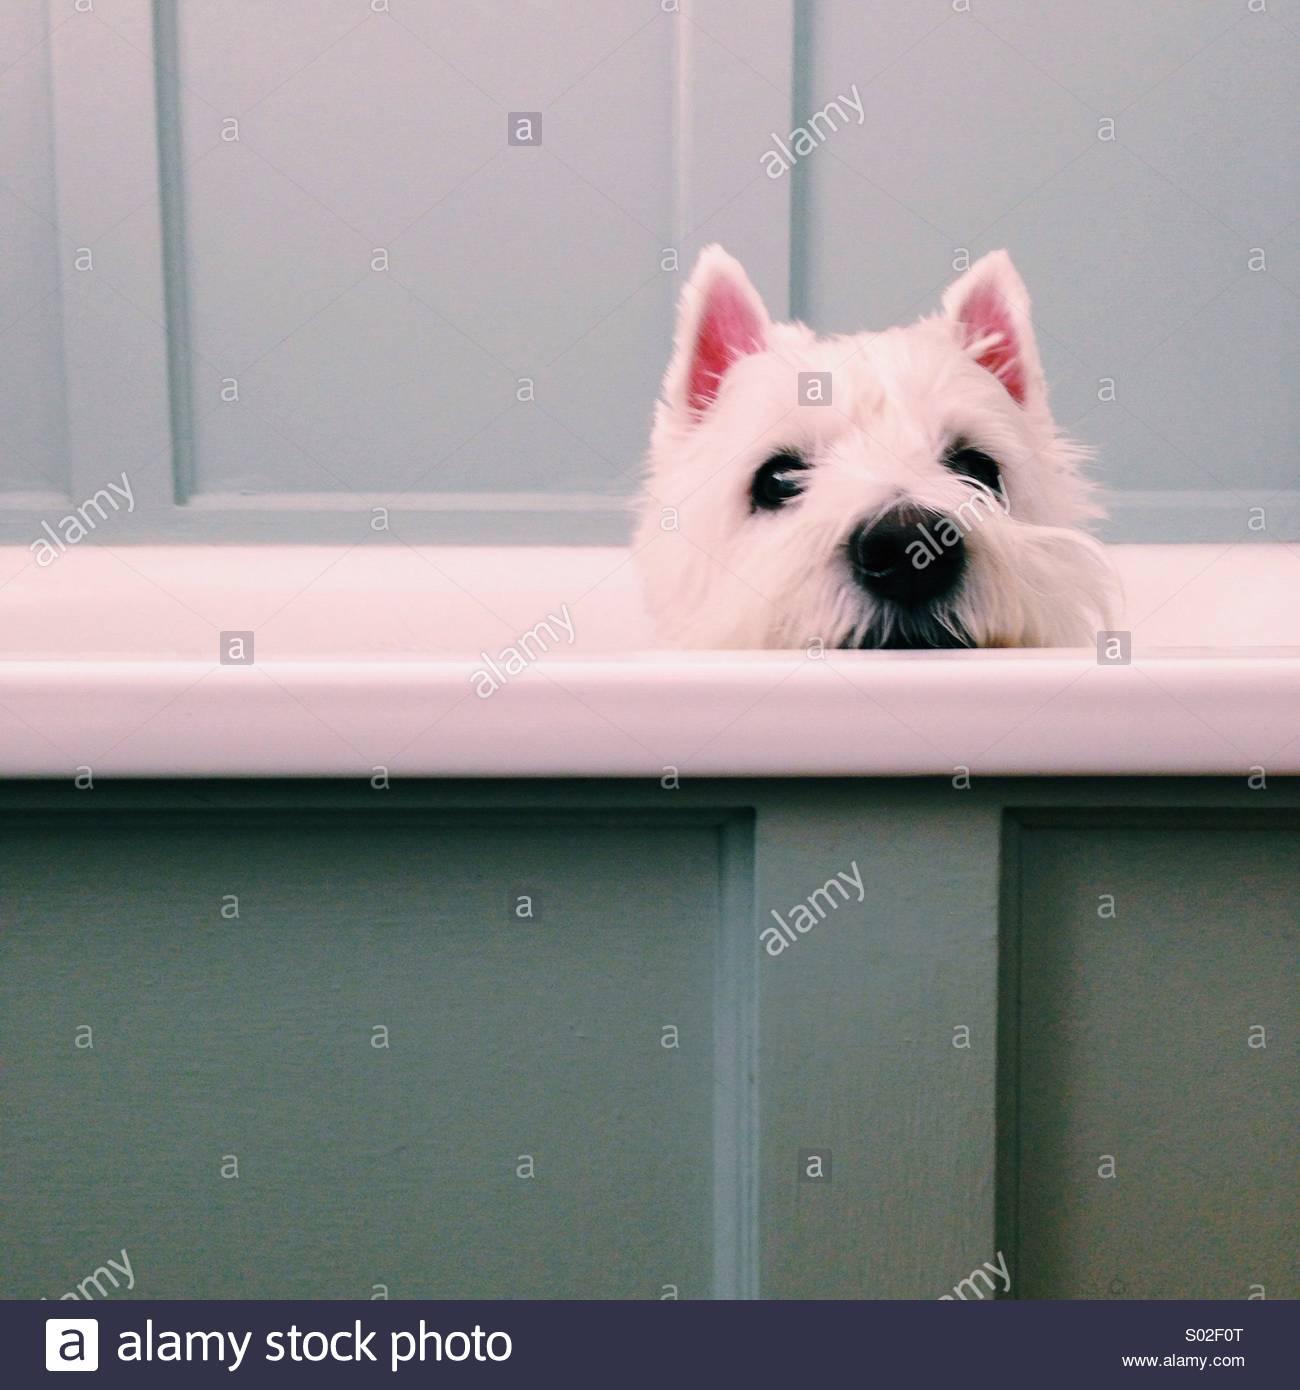 Mac en el baño 7 Imagen De Stock